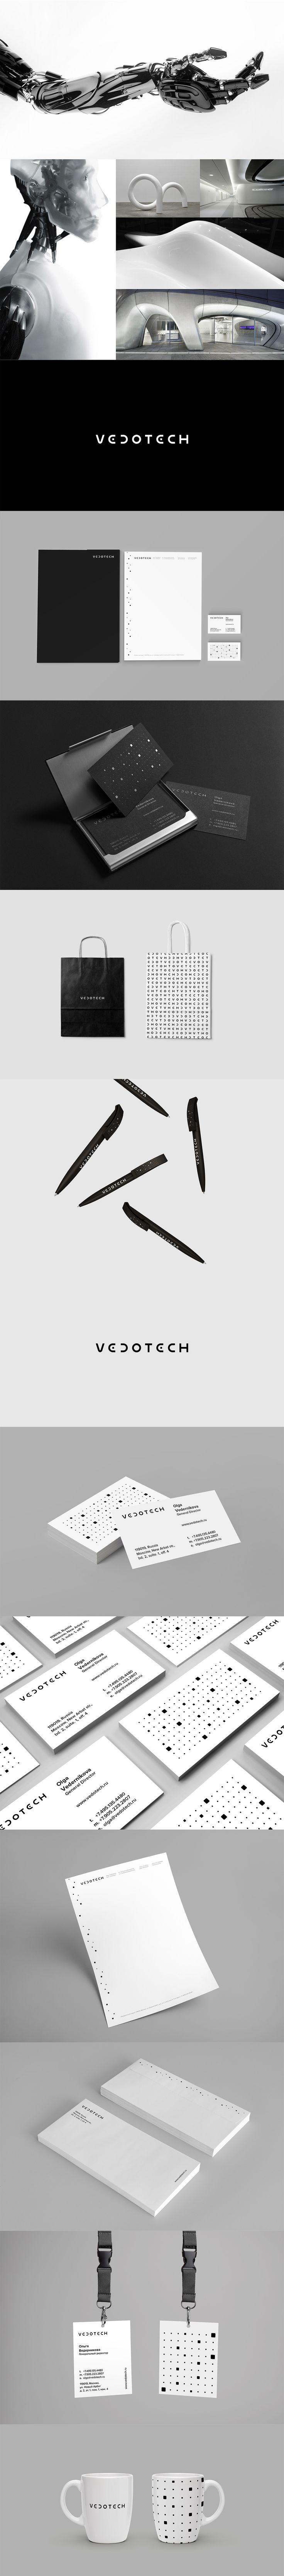 VEDOTECH, Фирменный стиль © KHAN BOLTAEV